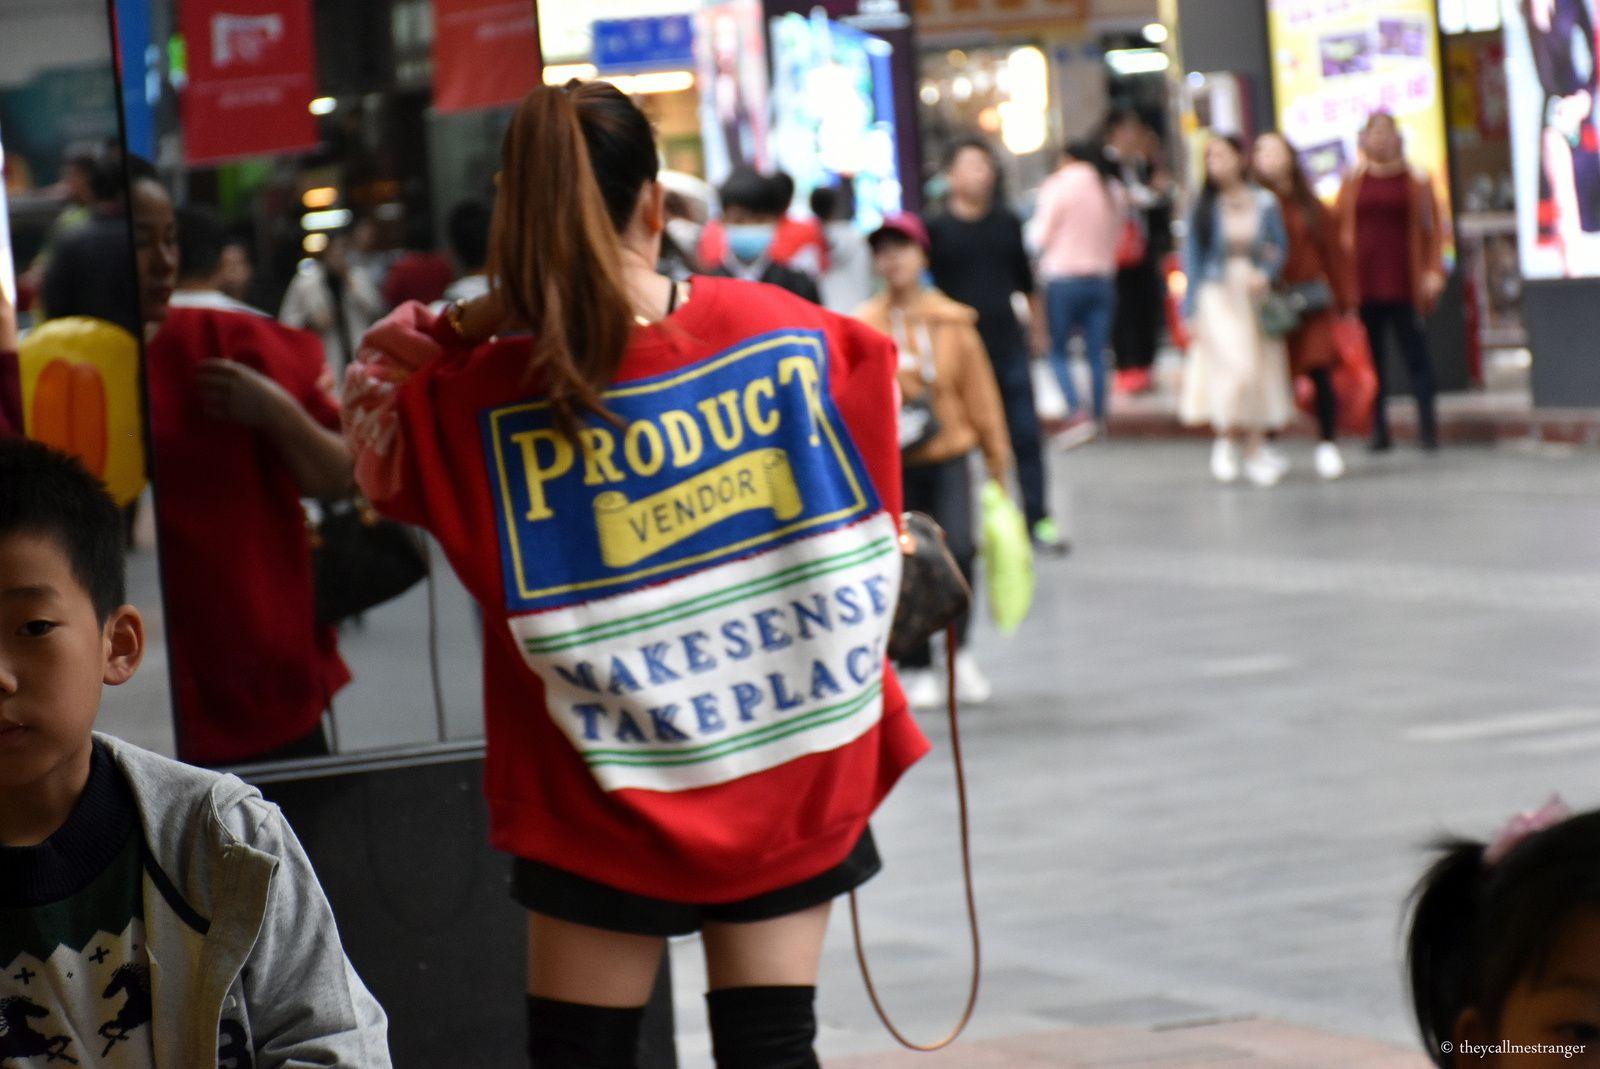 Vivre à Shenzhen, c'est comment ?